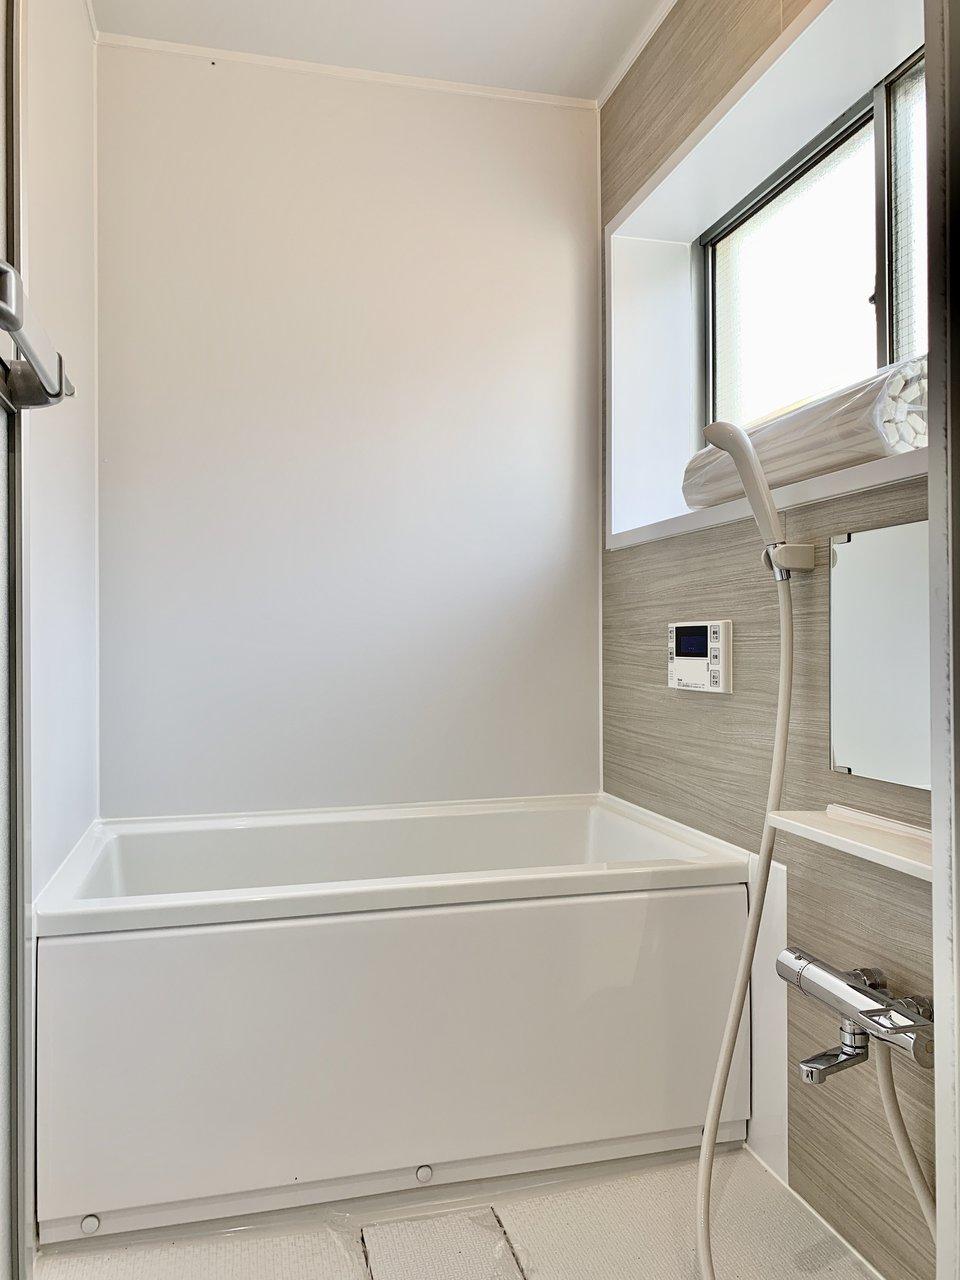 お風呂もグレーのクロスでシックに。窓がついているのでかなり開放的なイメージです。